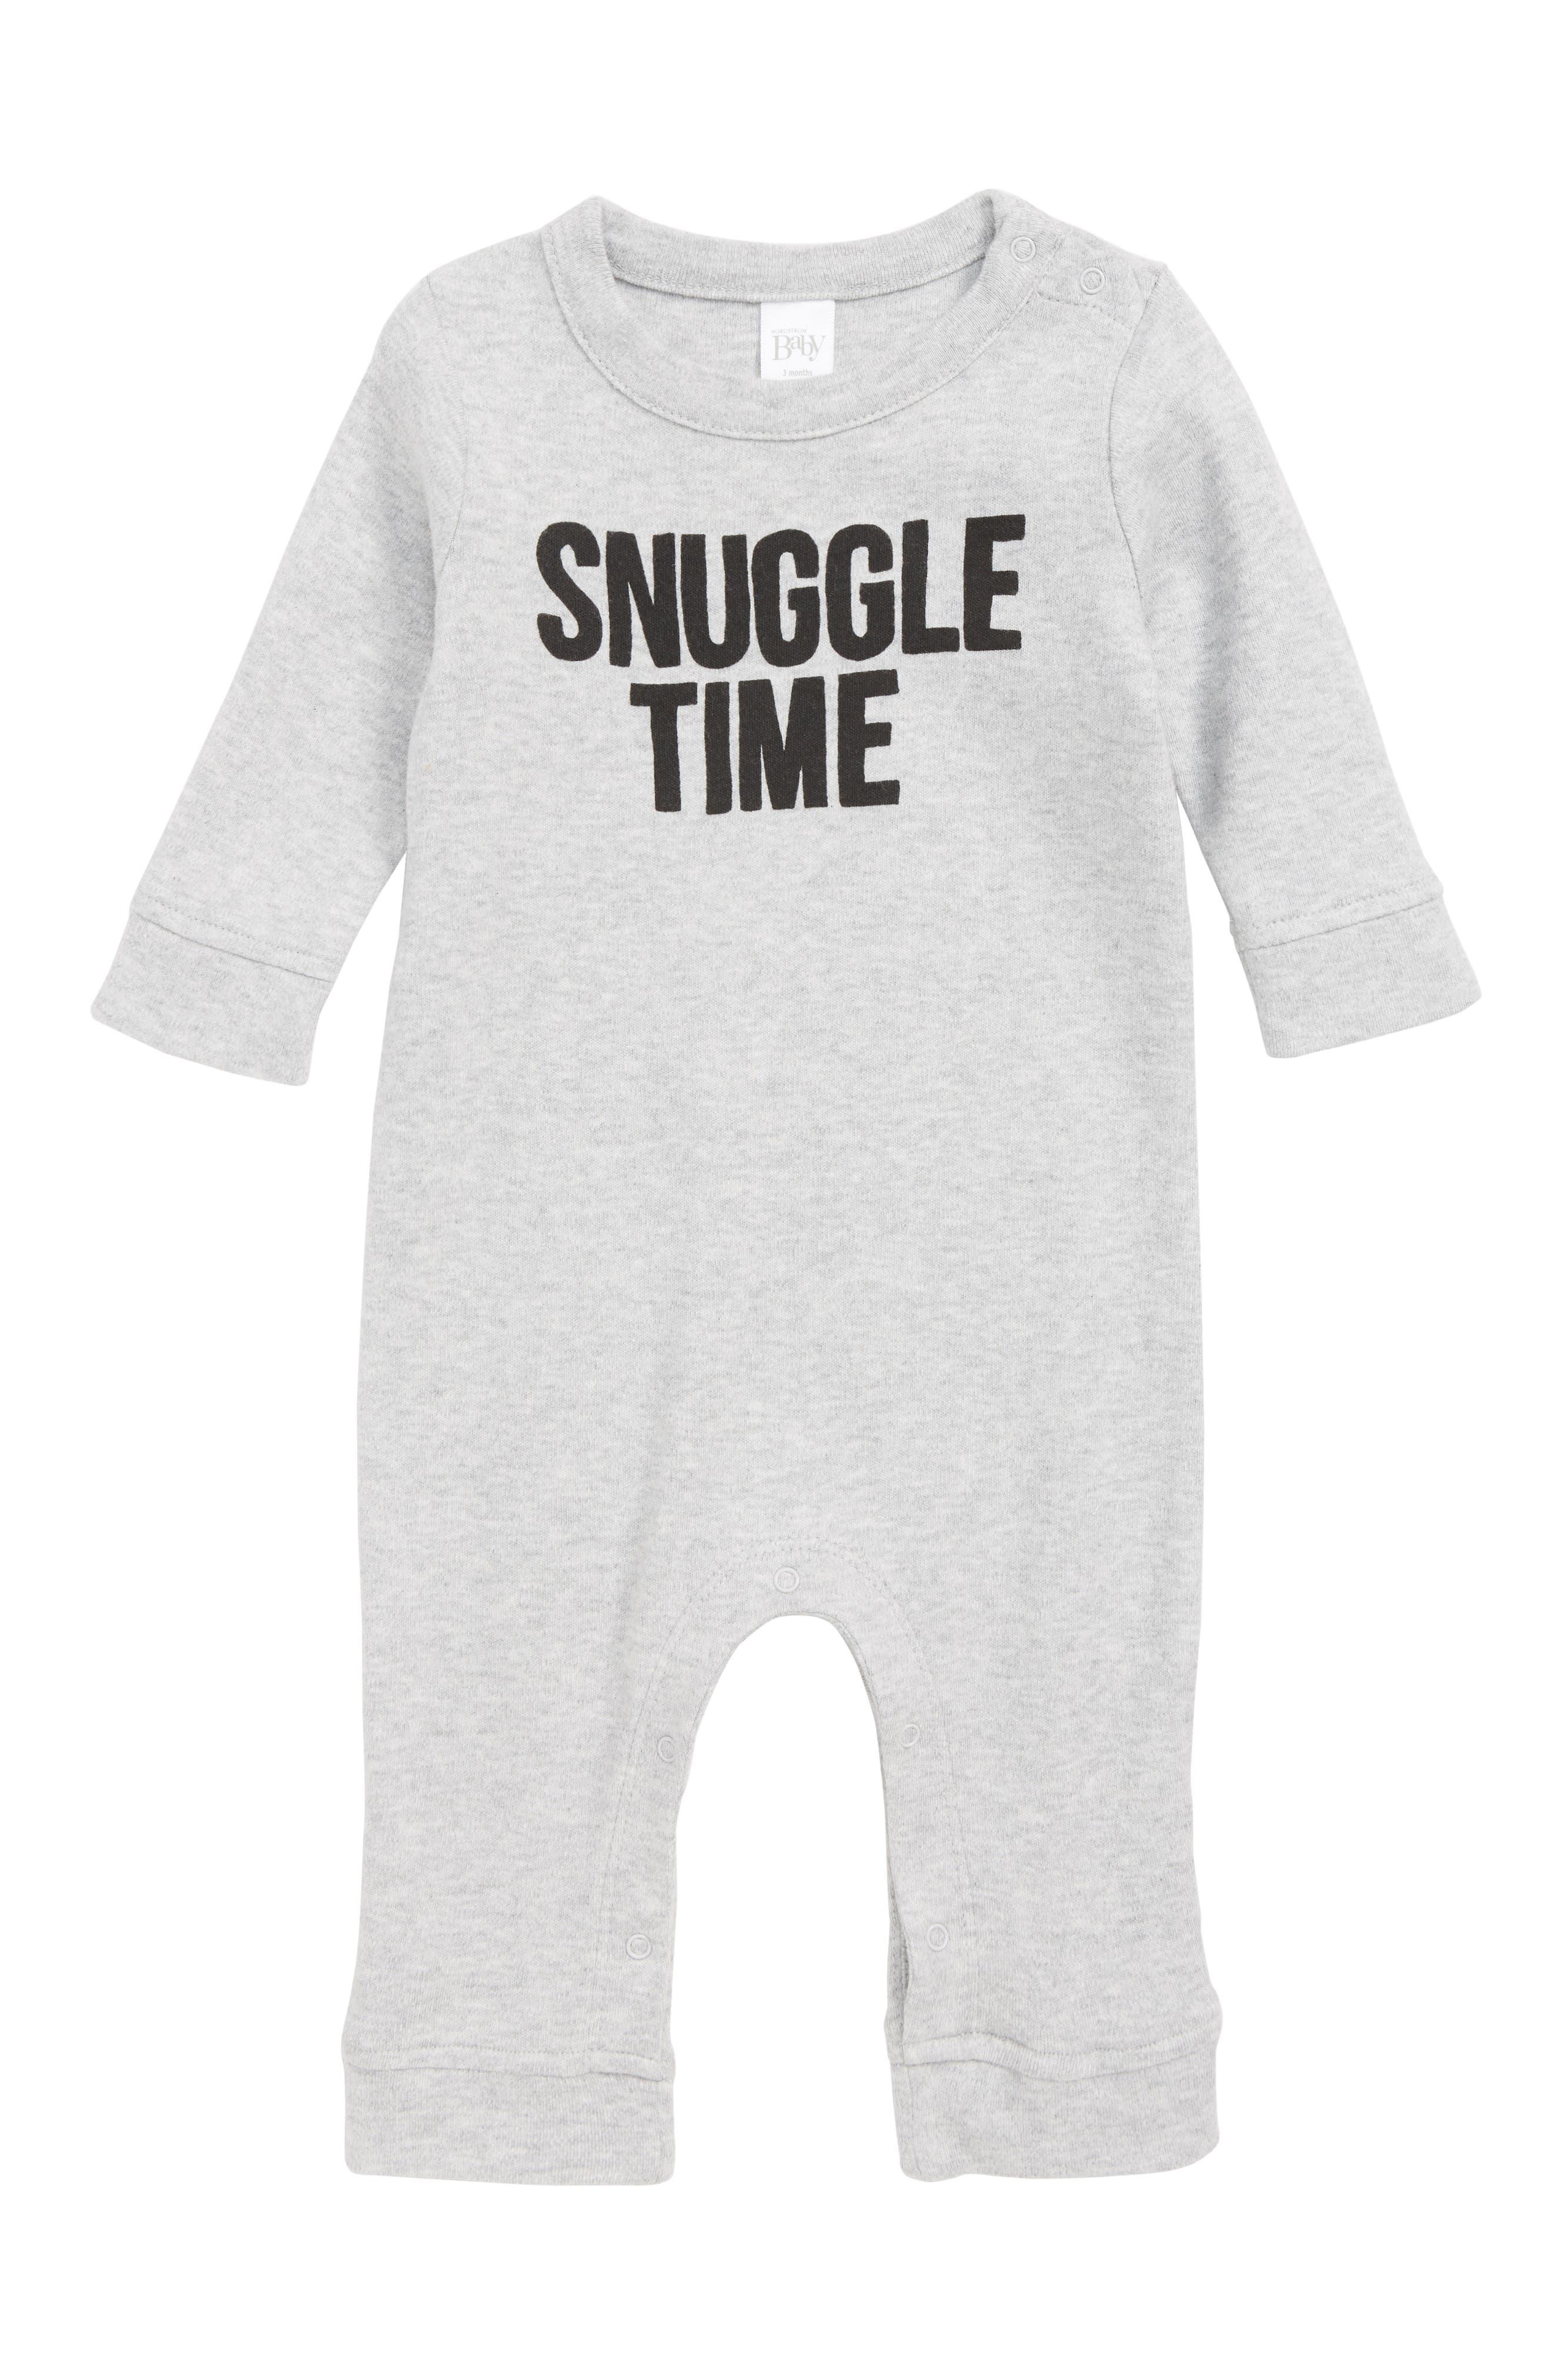 Snuggle Time Romper,                             Main thumbnail 1, color,                             030